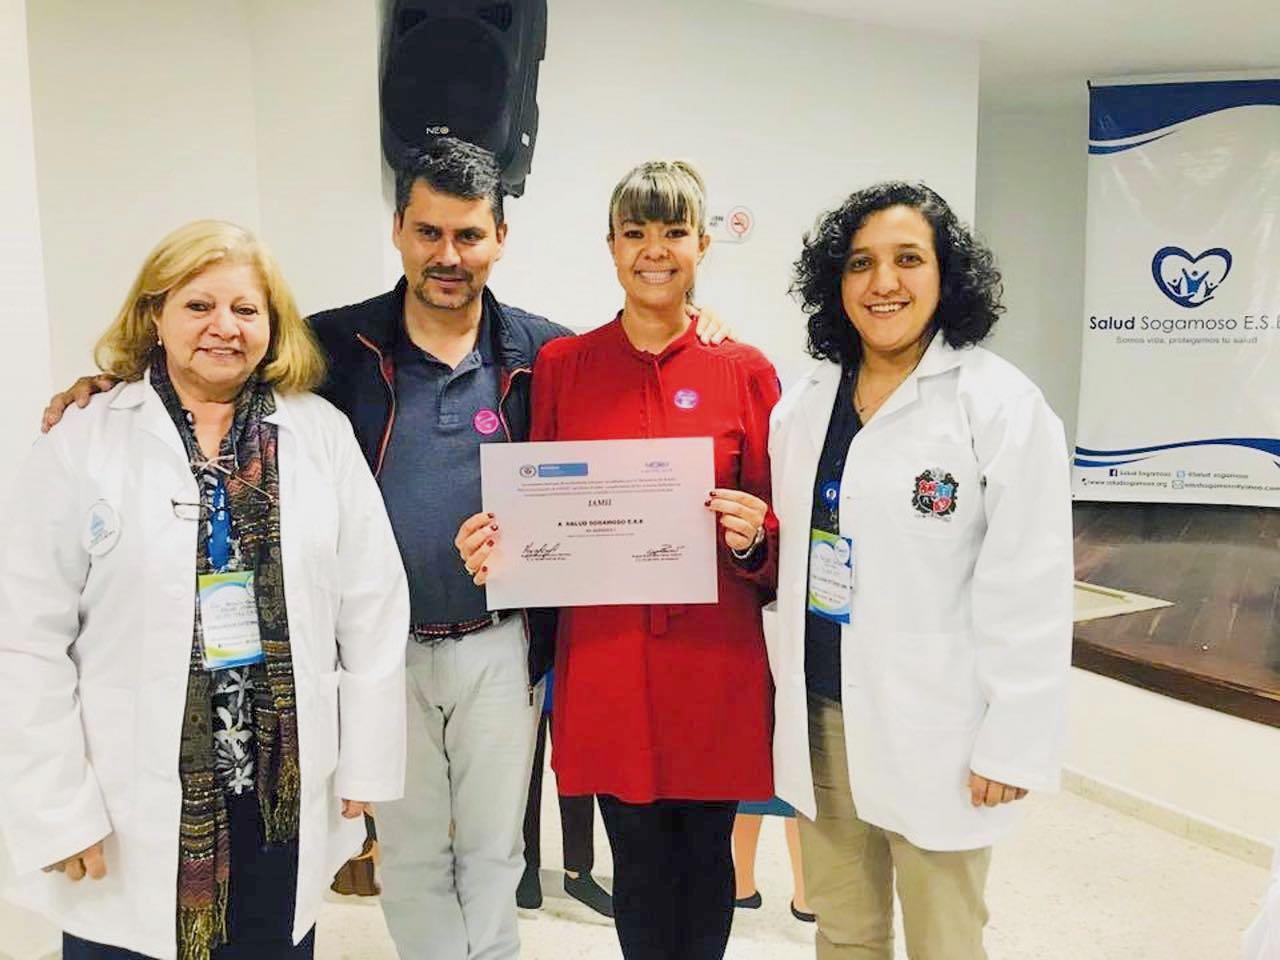 La gerente de Salud Sogamoso, Diana Catalina Delgado Jiménez; el alcalde de la ciudad, Jorge Mayorga, y las evaluadoras de la Iamii.